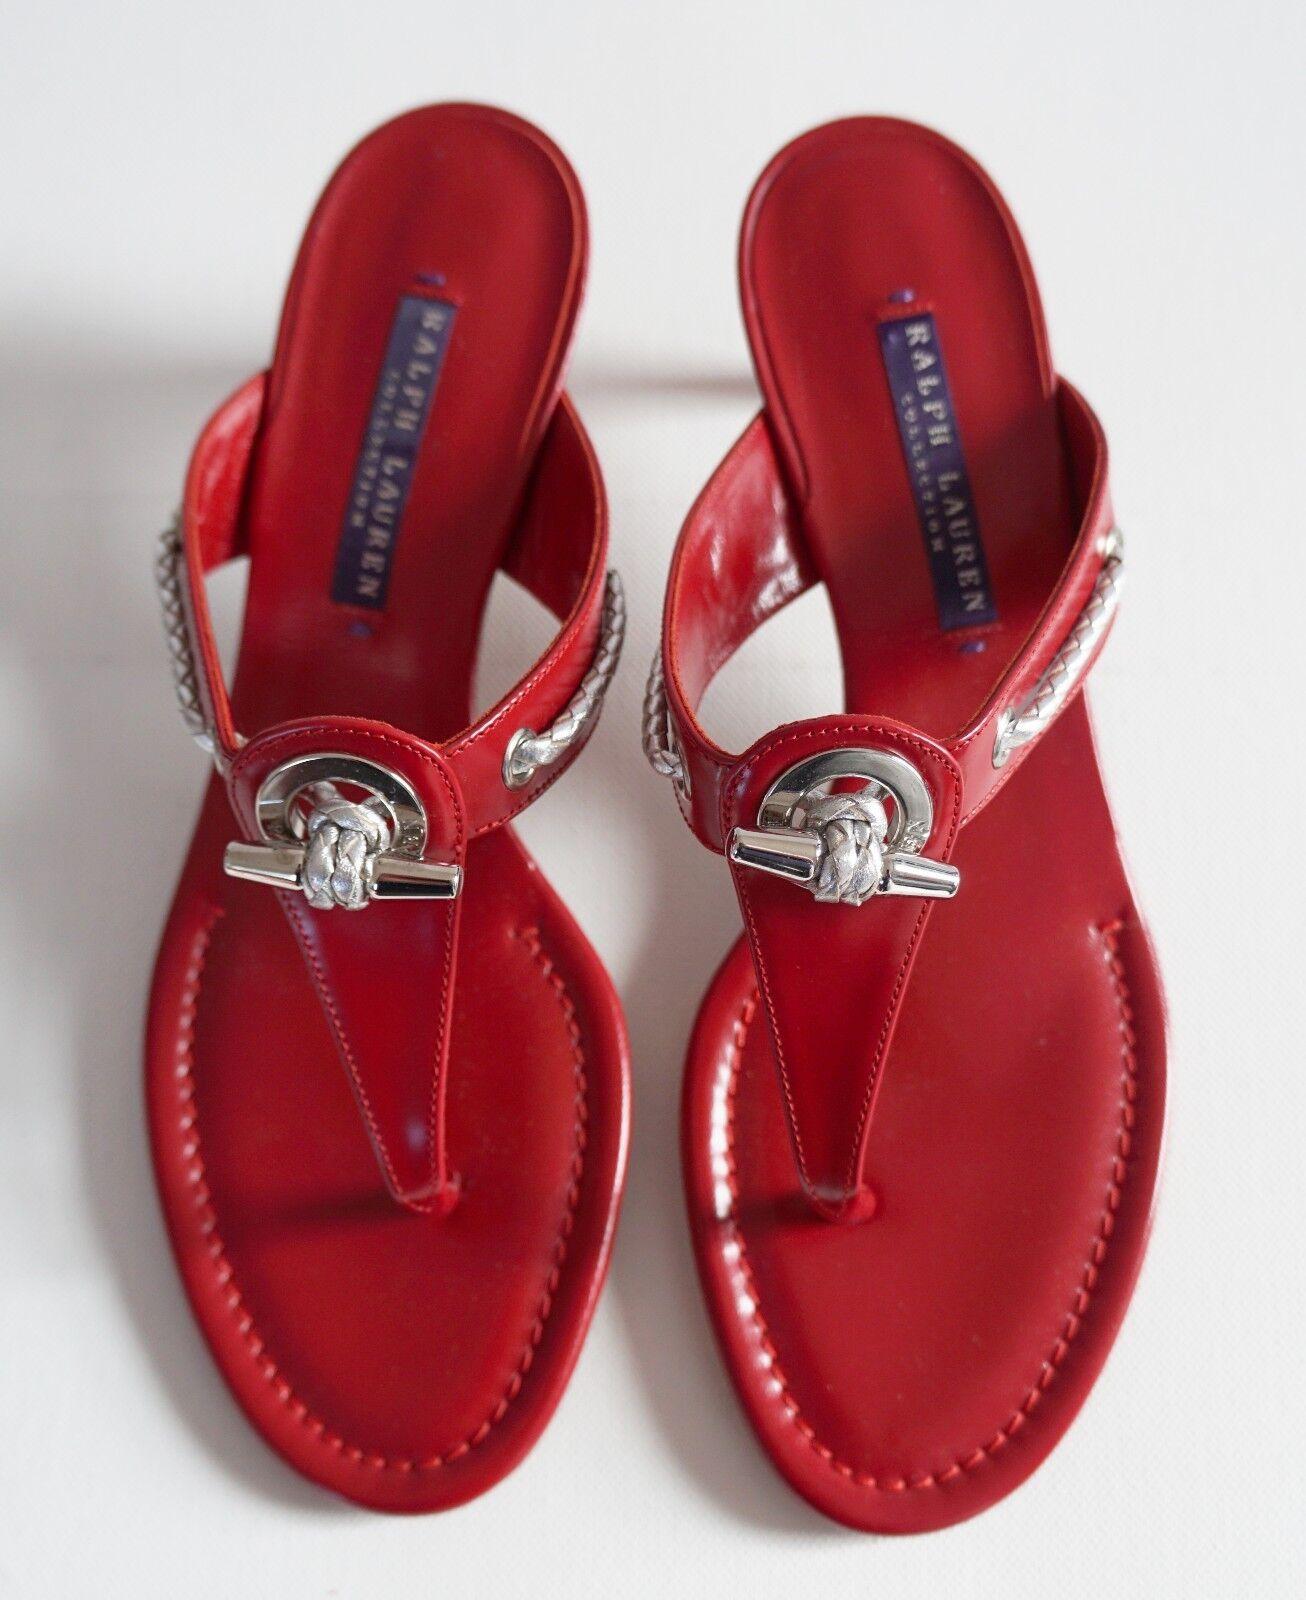 tempo libero RALPH LAUREN COLLECTION rosso Leather Kitten Heel Heel Heel Sandals Heels Slides US-9B EU-39  più ordine